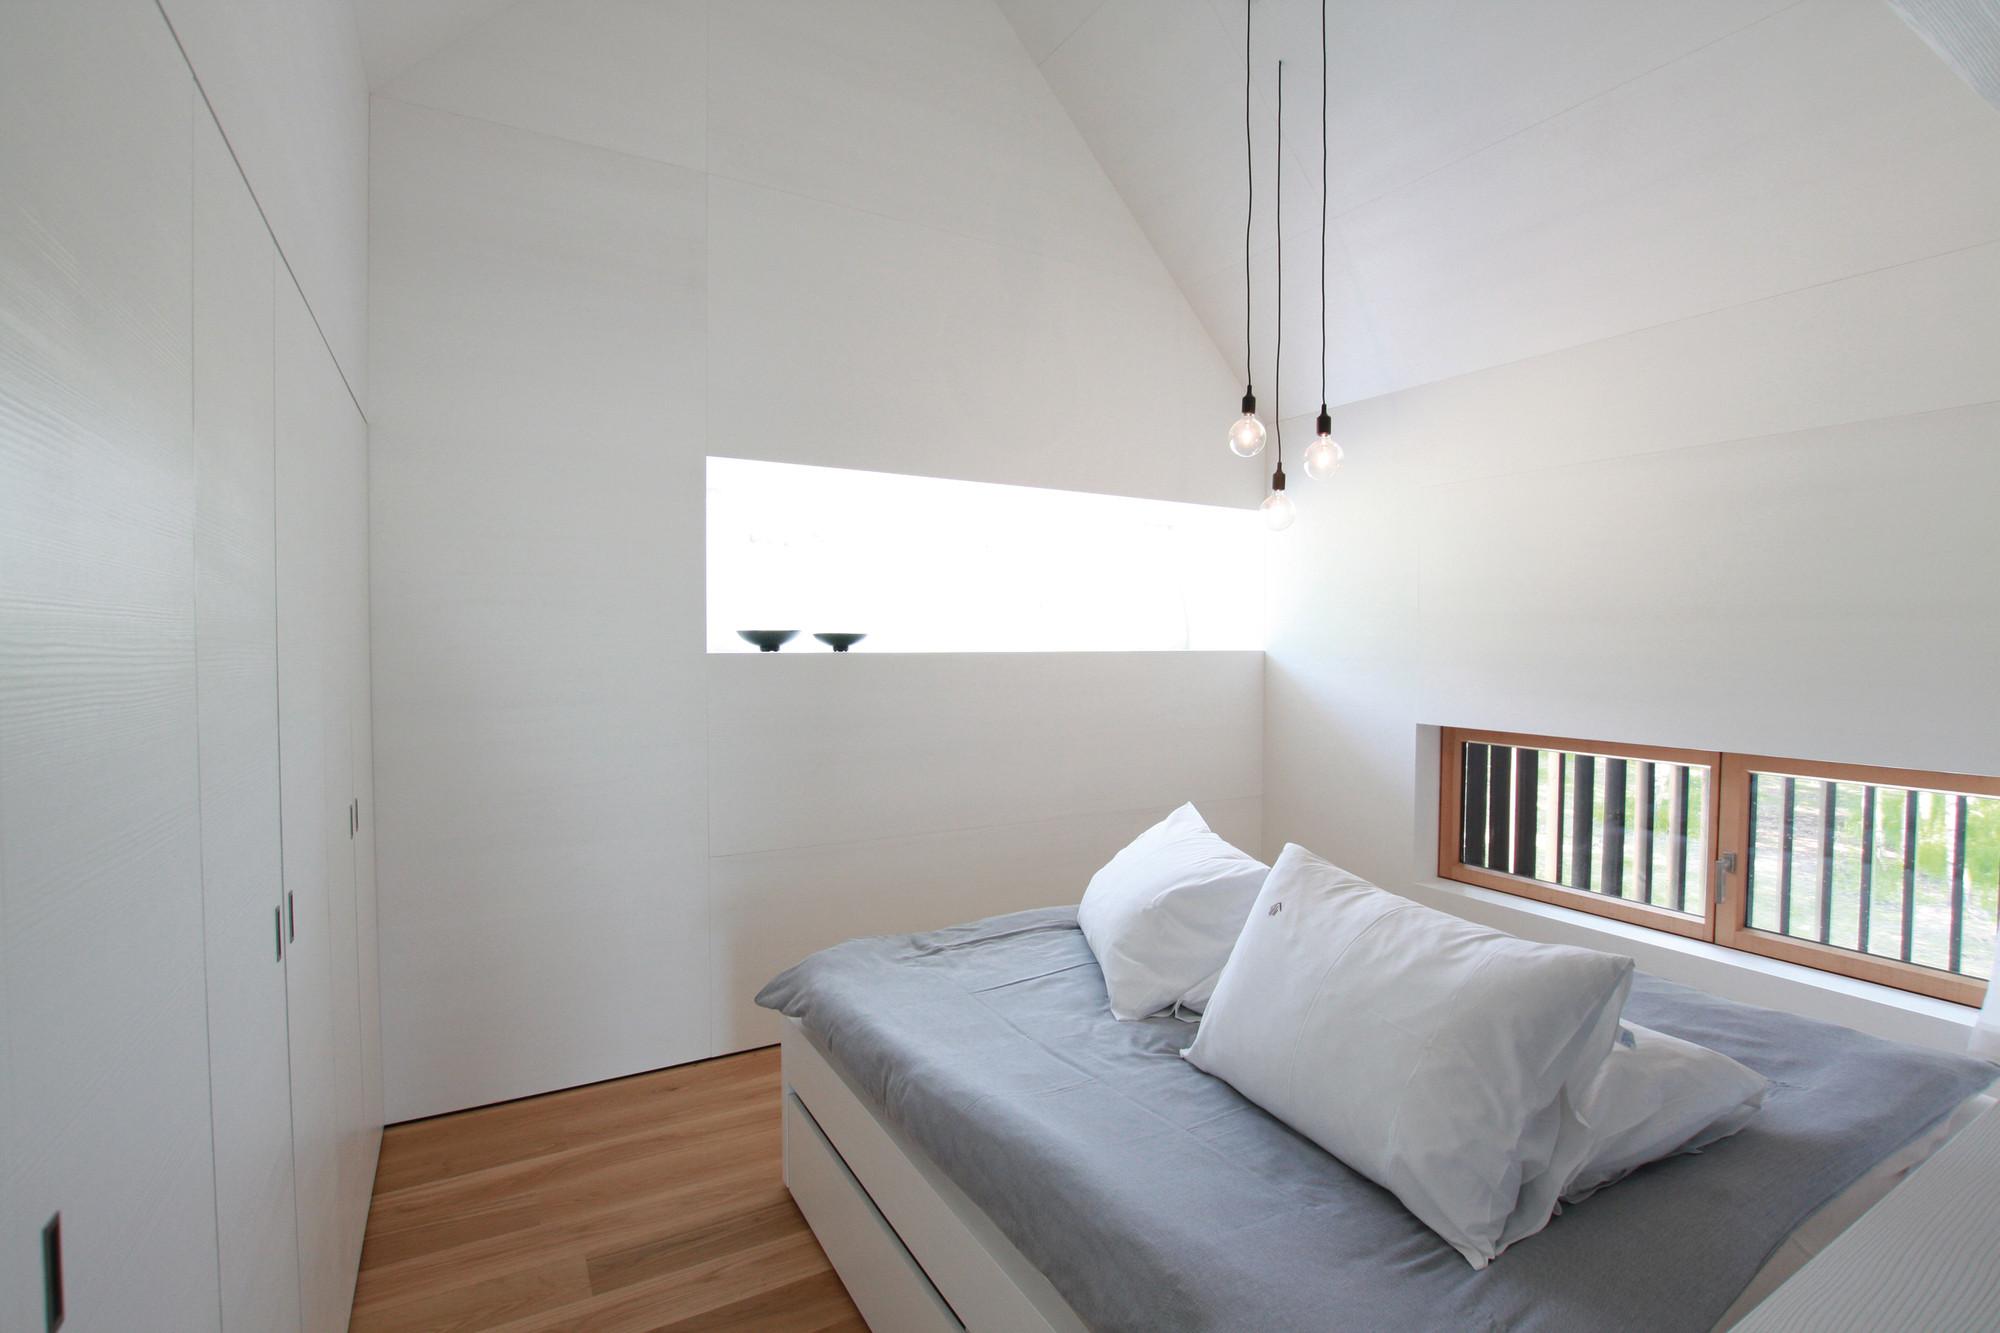 Hofgut / Format Elf Architekten   ArchDaily